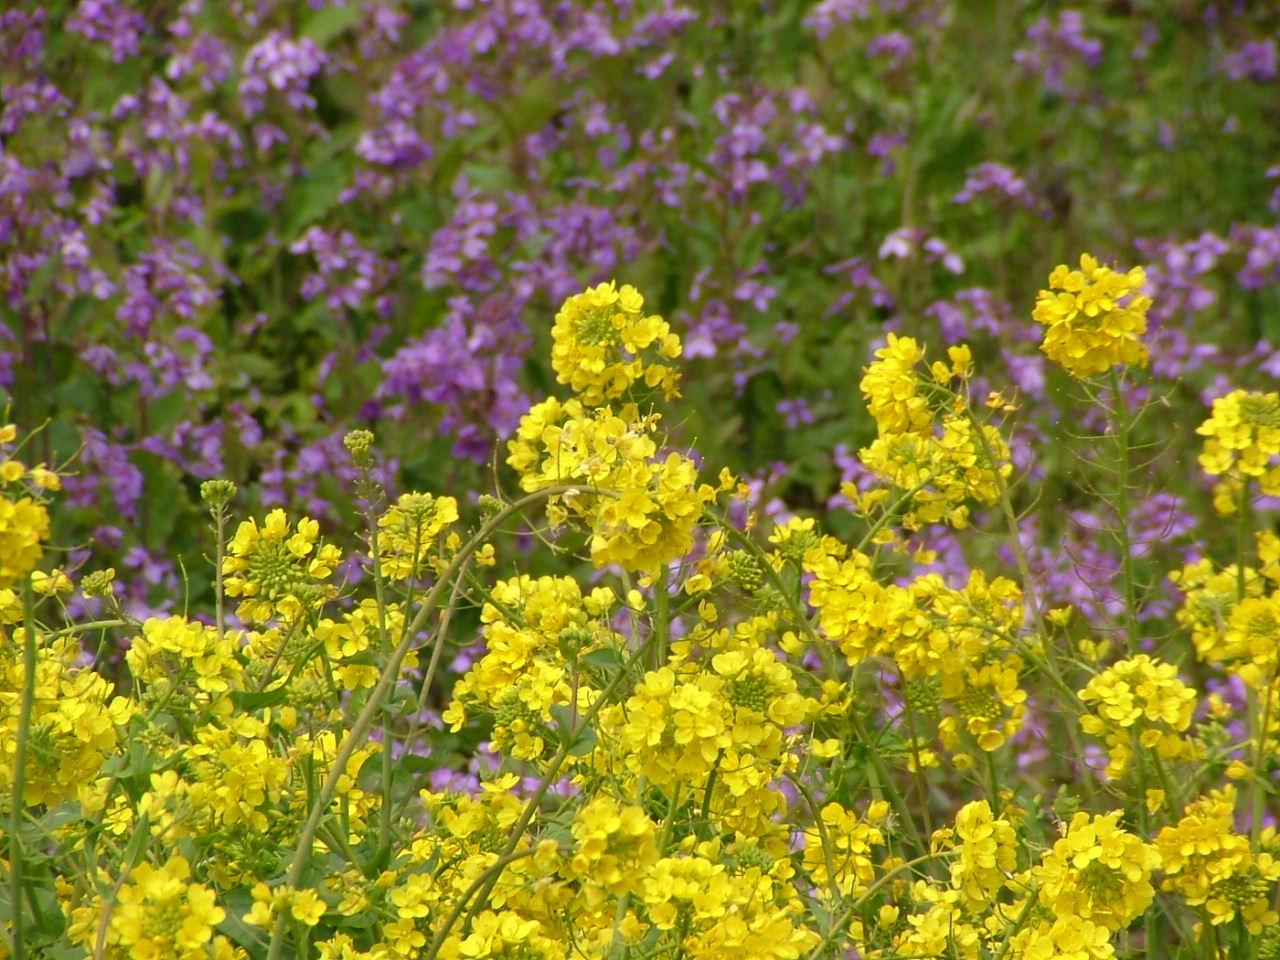 2菜の花とダイコンの花331画像0018